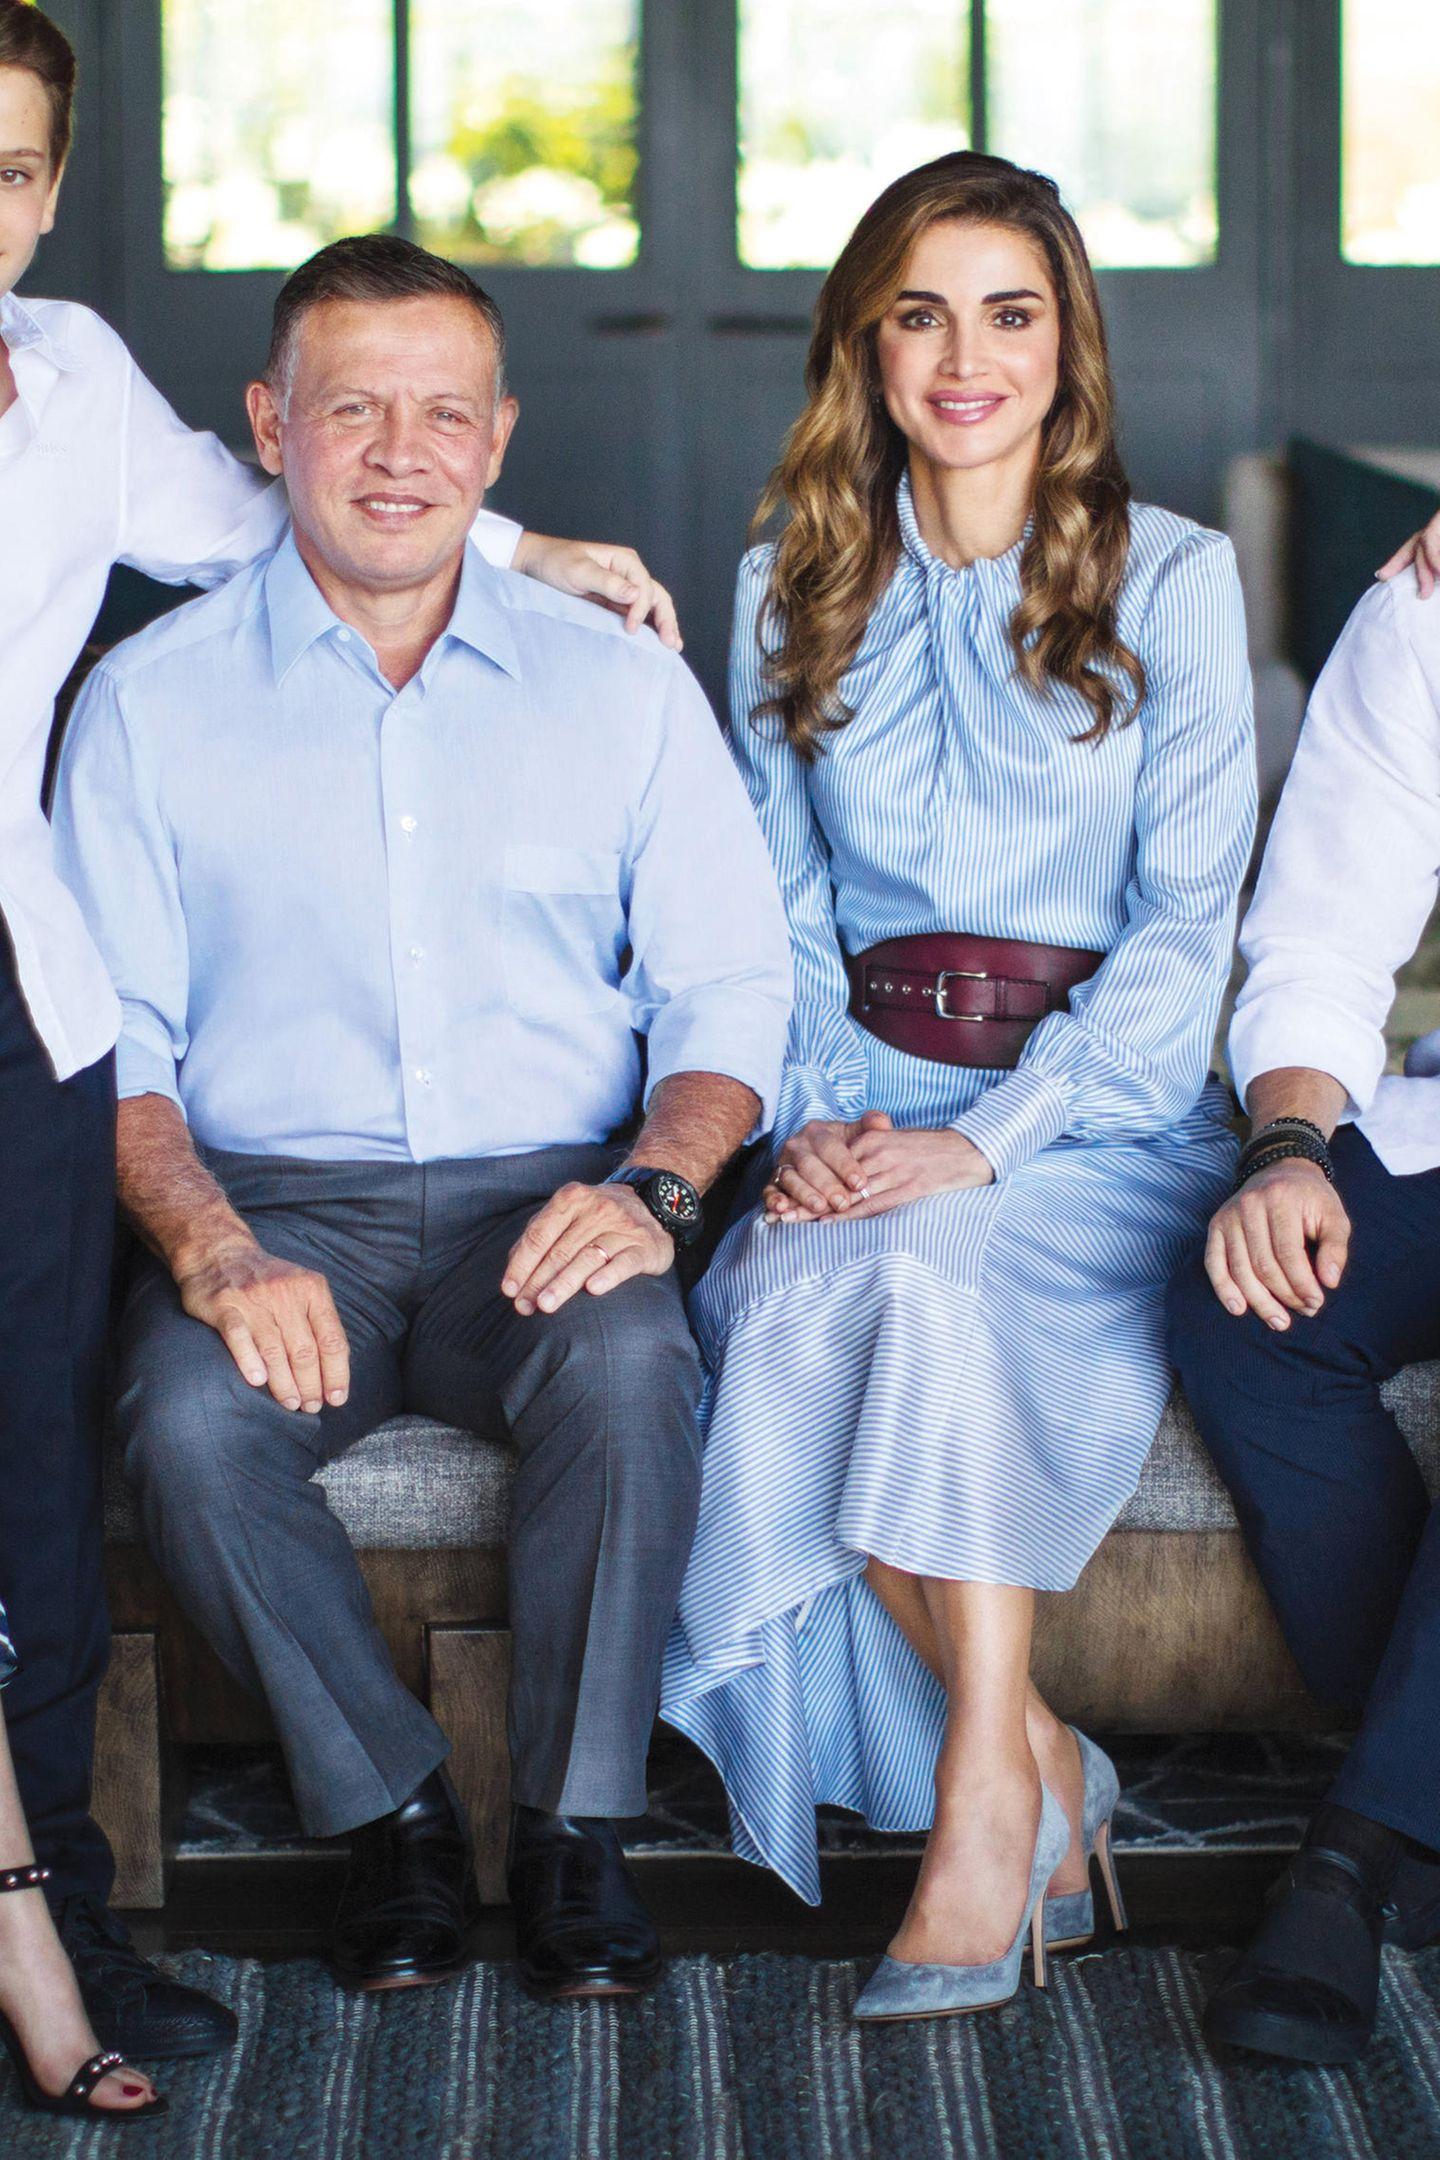 Gemeinsam mit ihrer Familie posiert Königin Rania für die Weihnachts- und Neujahrskarte der jordanischen Königsfamilie. Farblich perfekt aufeinander abgestimmt, überzeugen vor allem auch ihre Looks. Die stilsichere Rania sticht mit ihrem Look sogar ihre Töchter locker aus. In einem hellblauen Midi-Kleid mit auffälligem Taillengürtel, ist sie definitiv der absolute Hingucker.